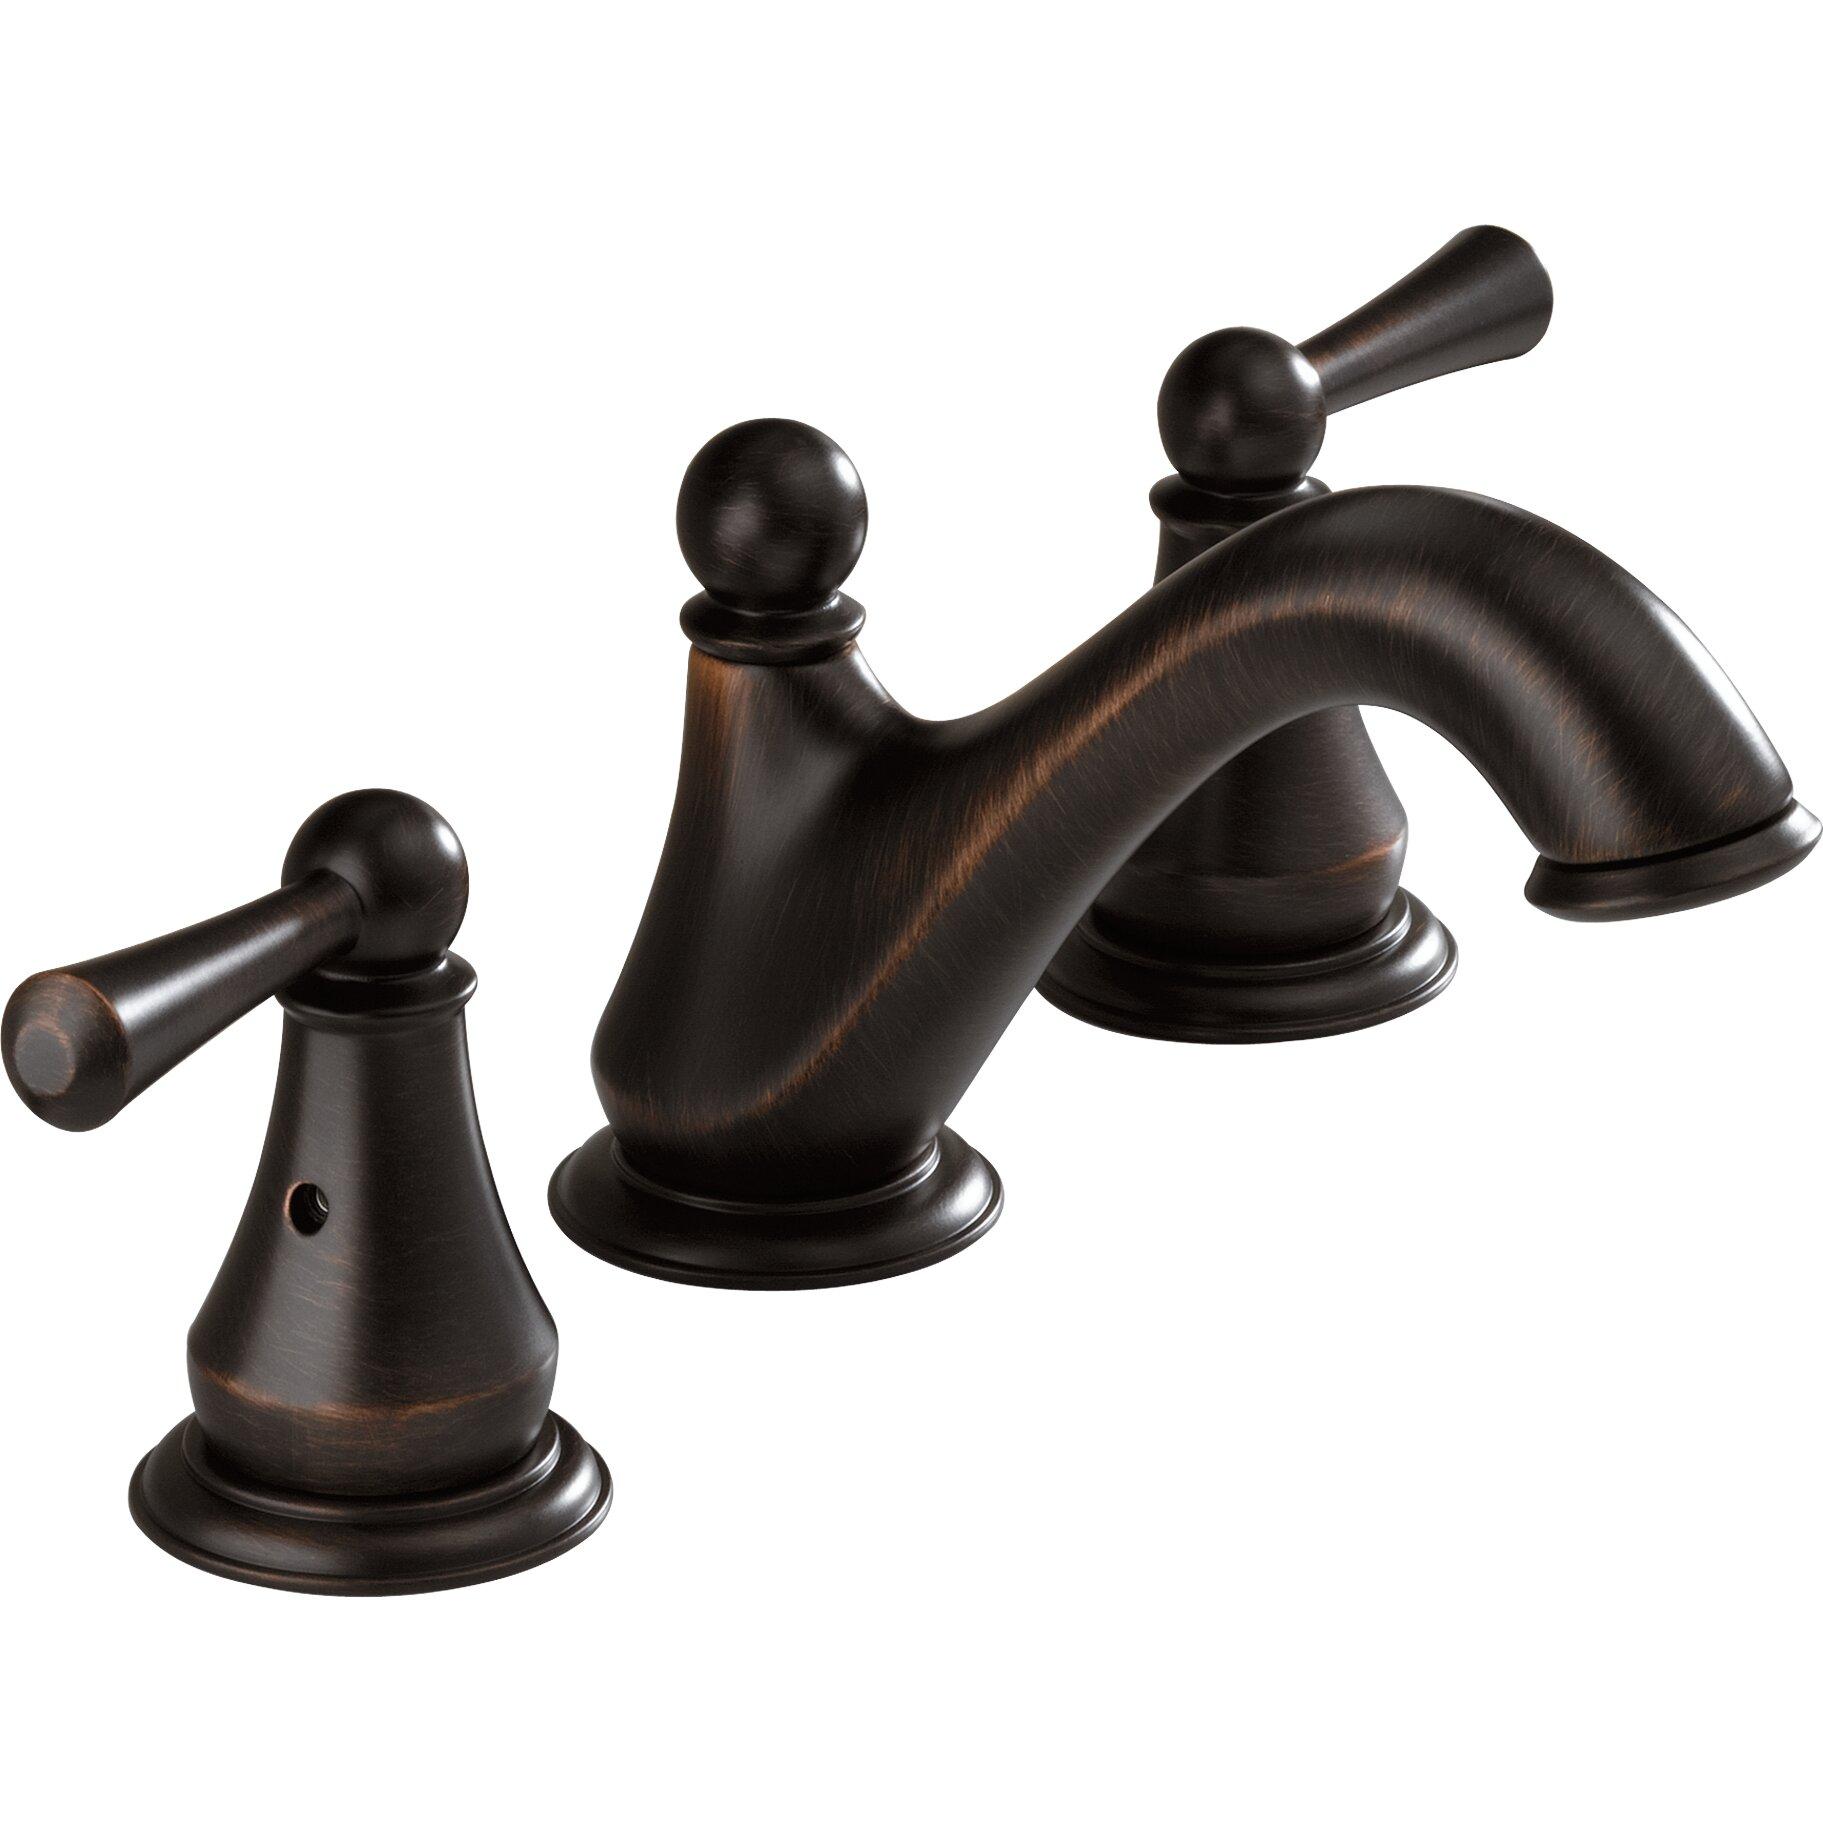 Delta Lewiston Widespread Bathroom Faucet with Double Lever Handles. Delta Lewiston Widespread Bathroom Faucet with Double Lever